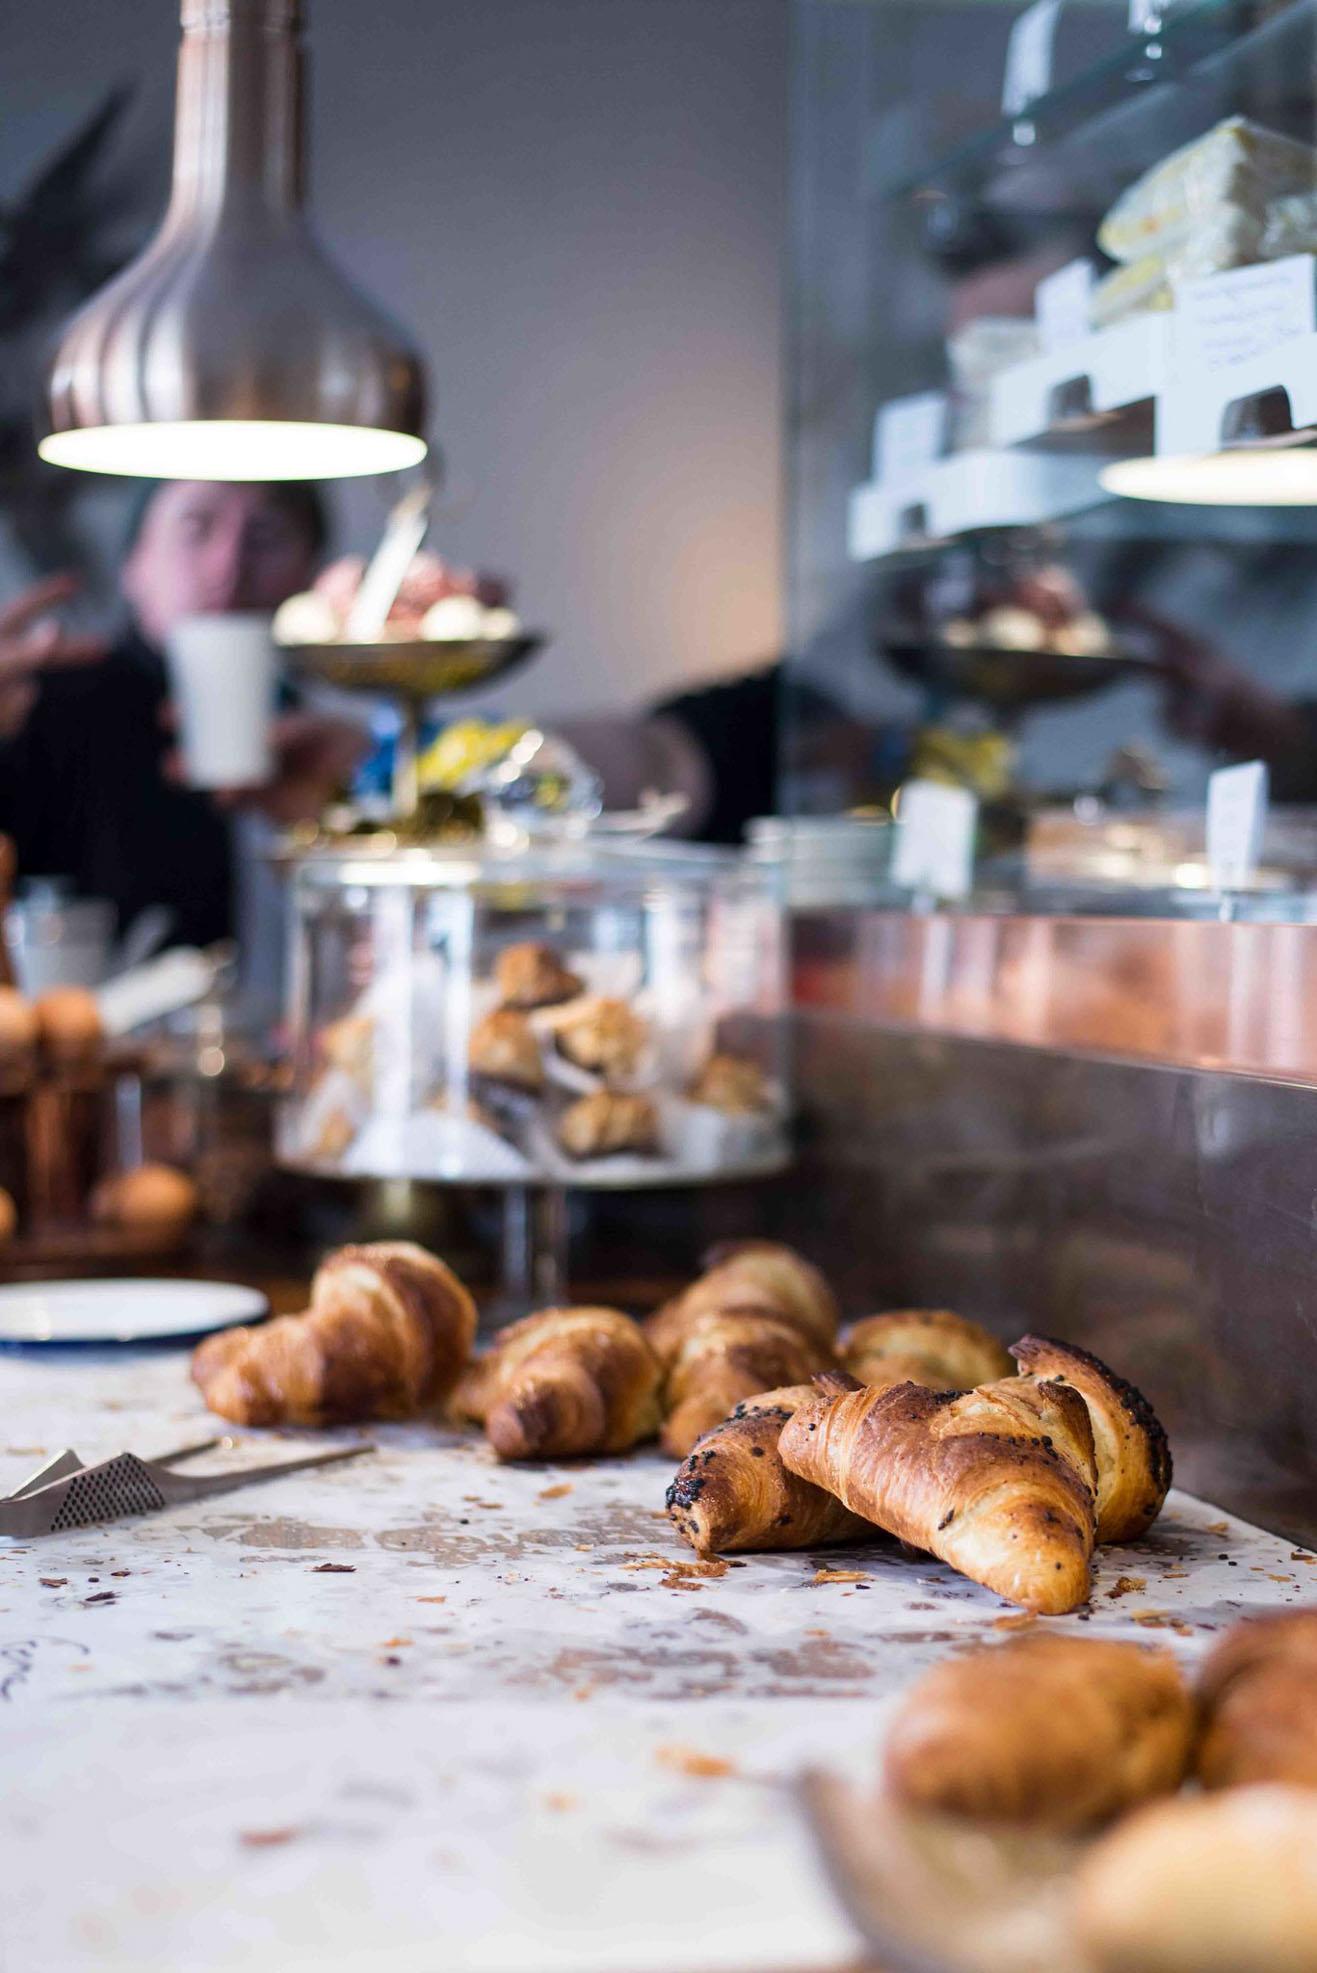 Café Morso in Schwabing